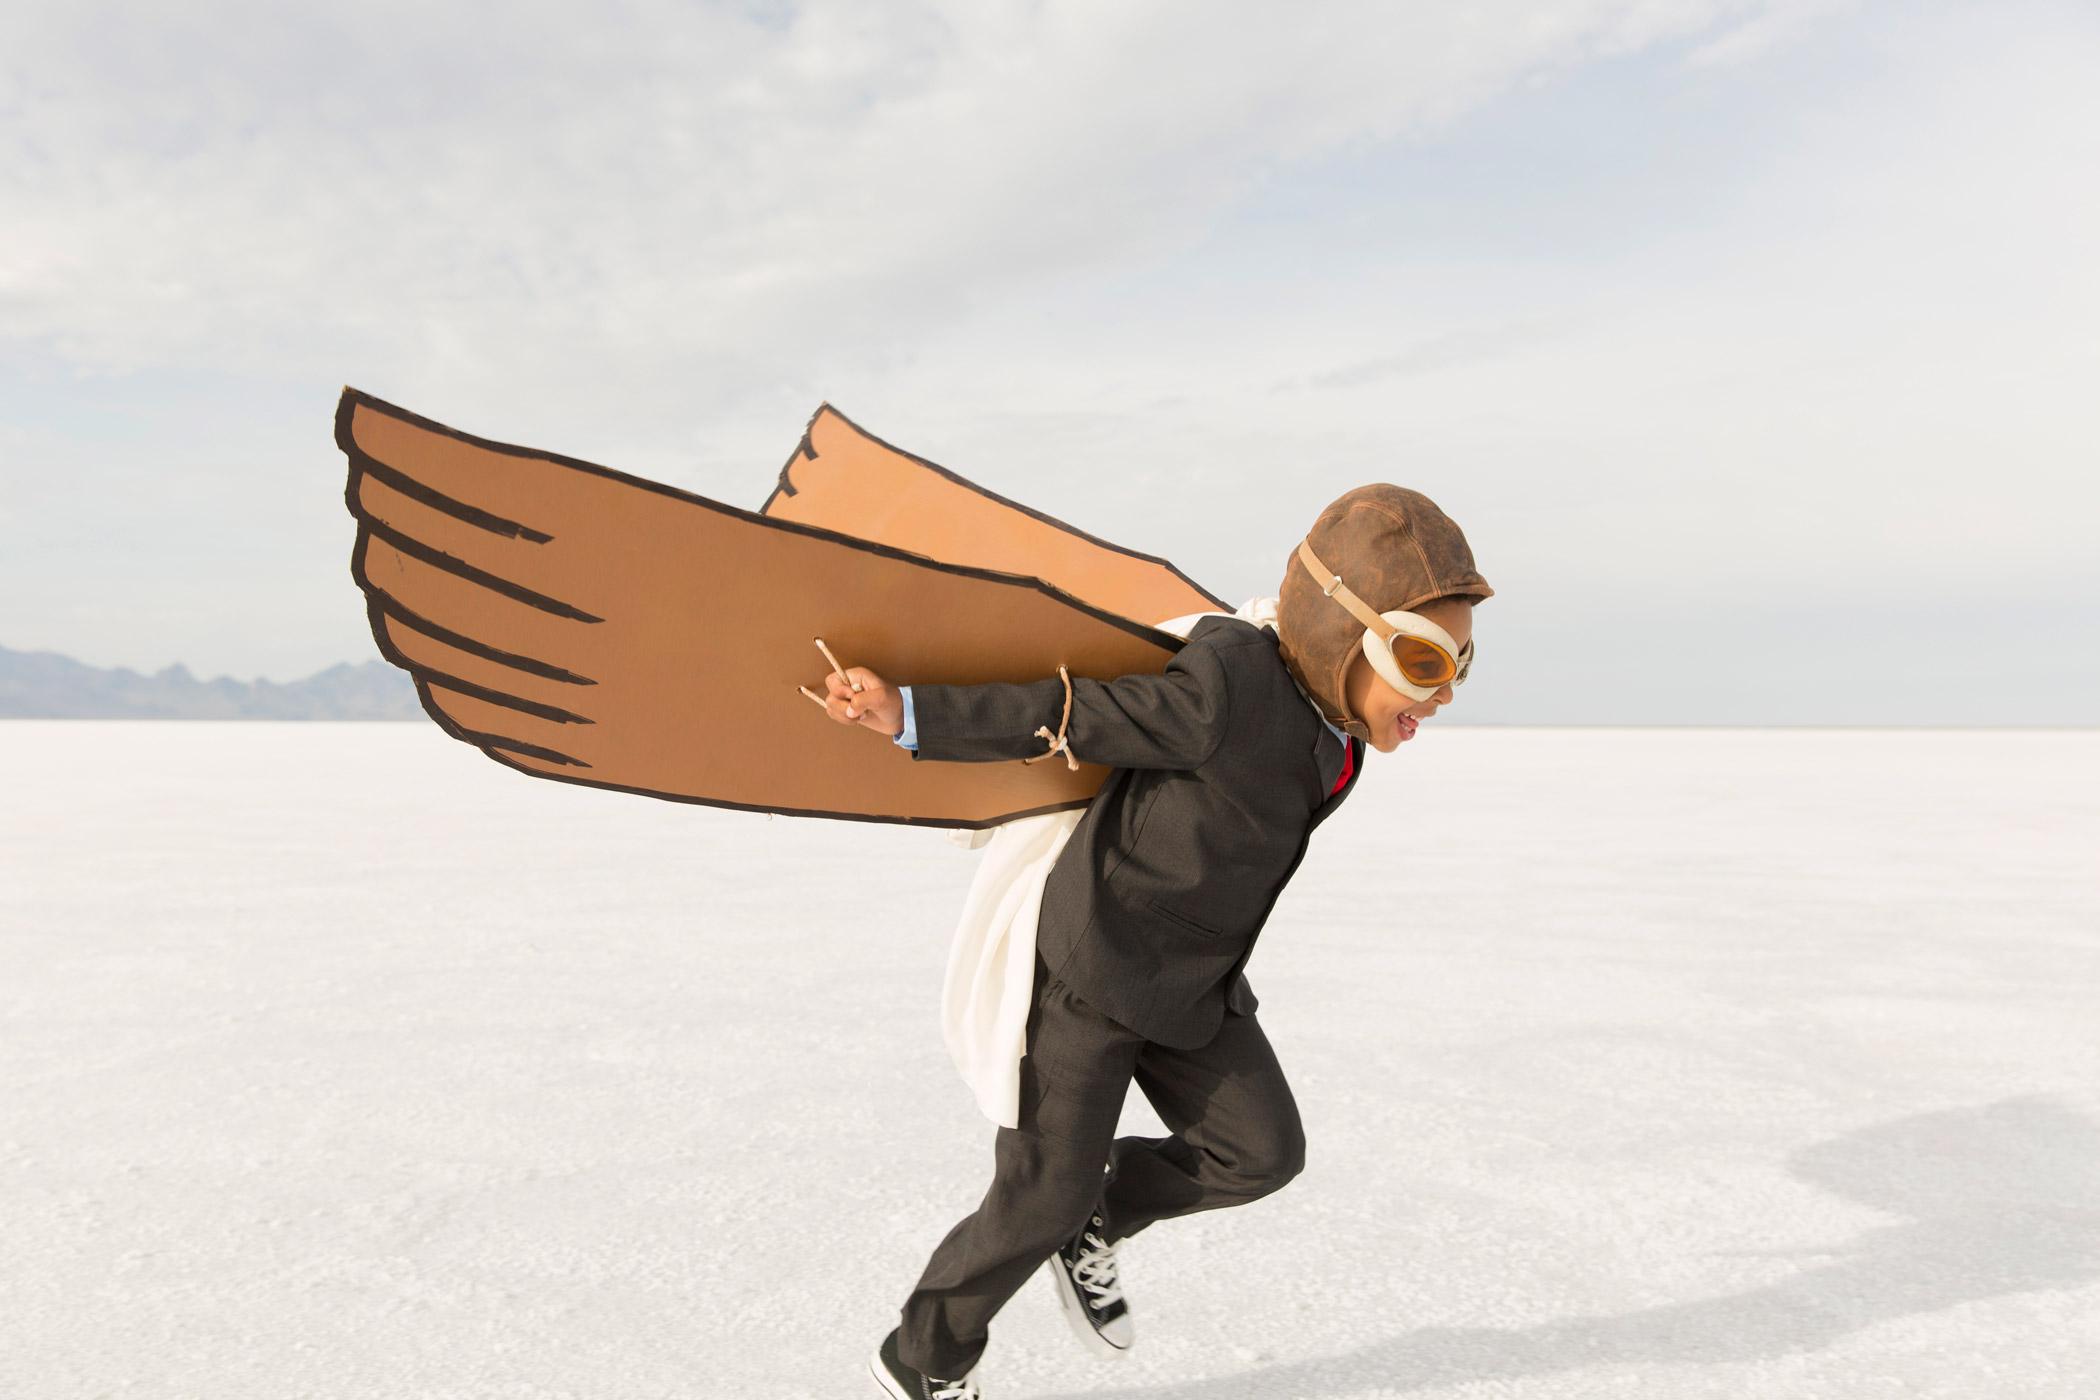 Sube a la nube los datos de tu empresa con Ixole Backup Online